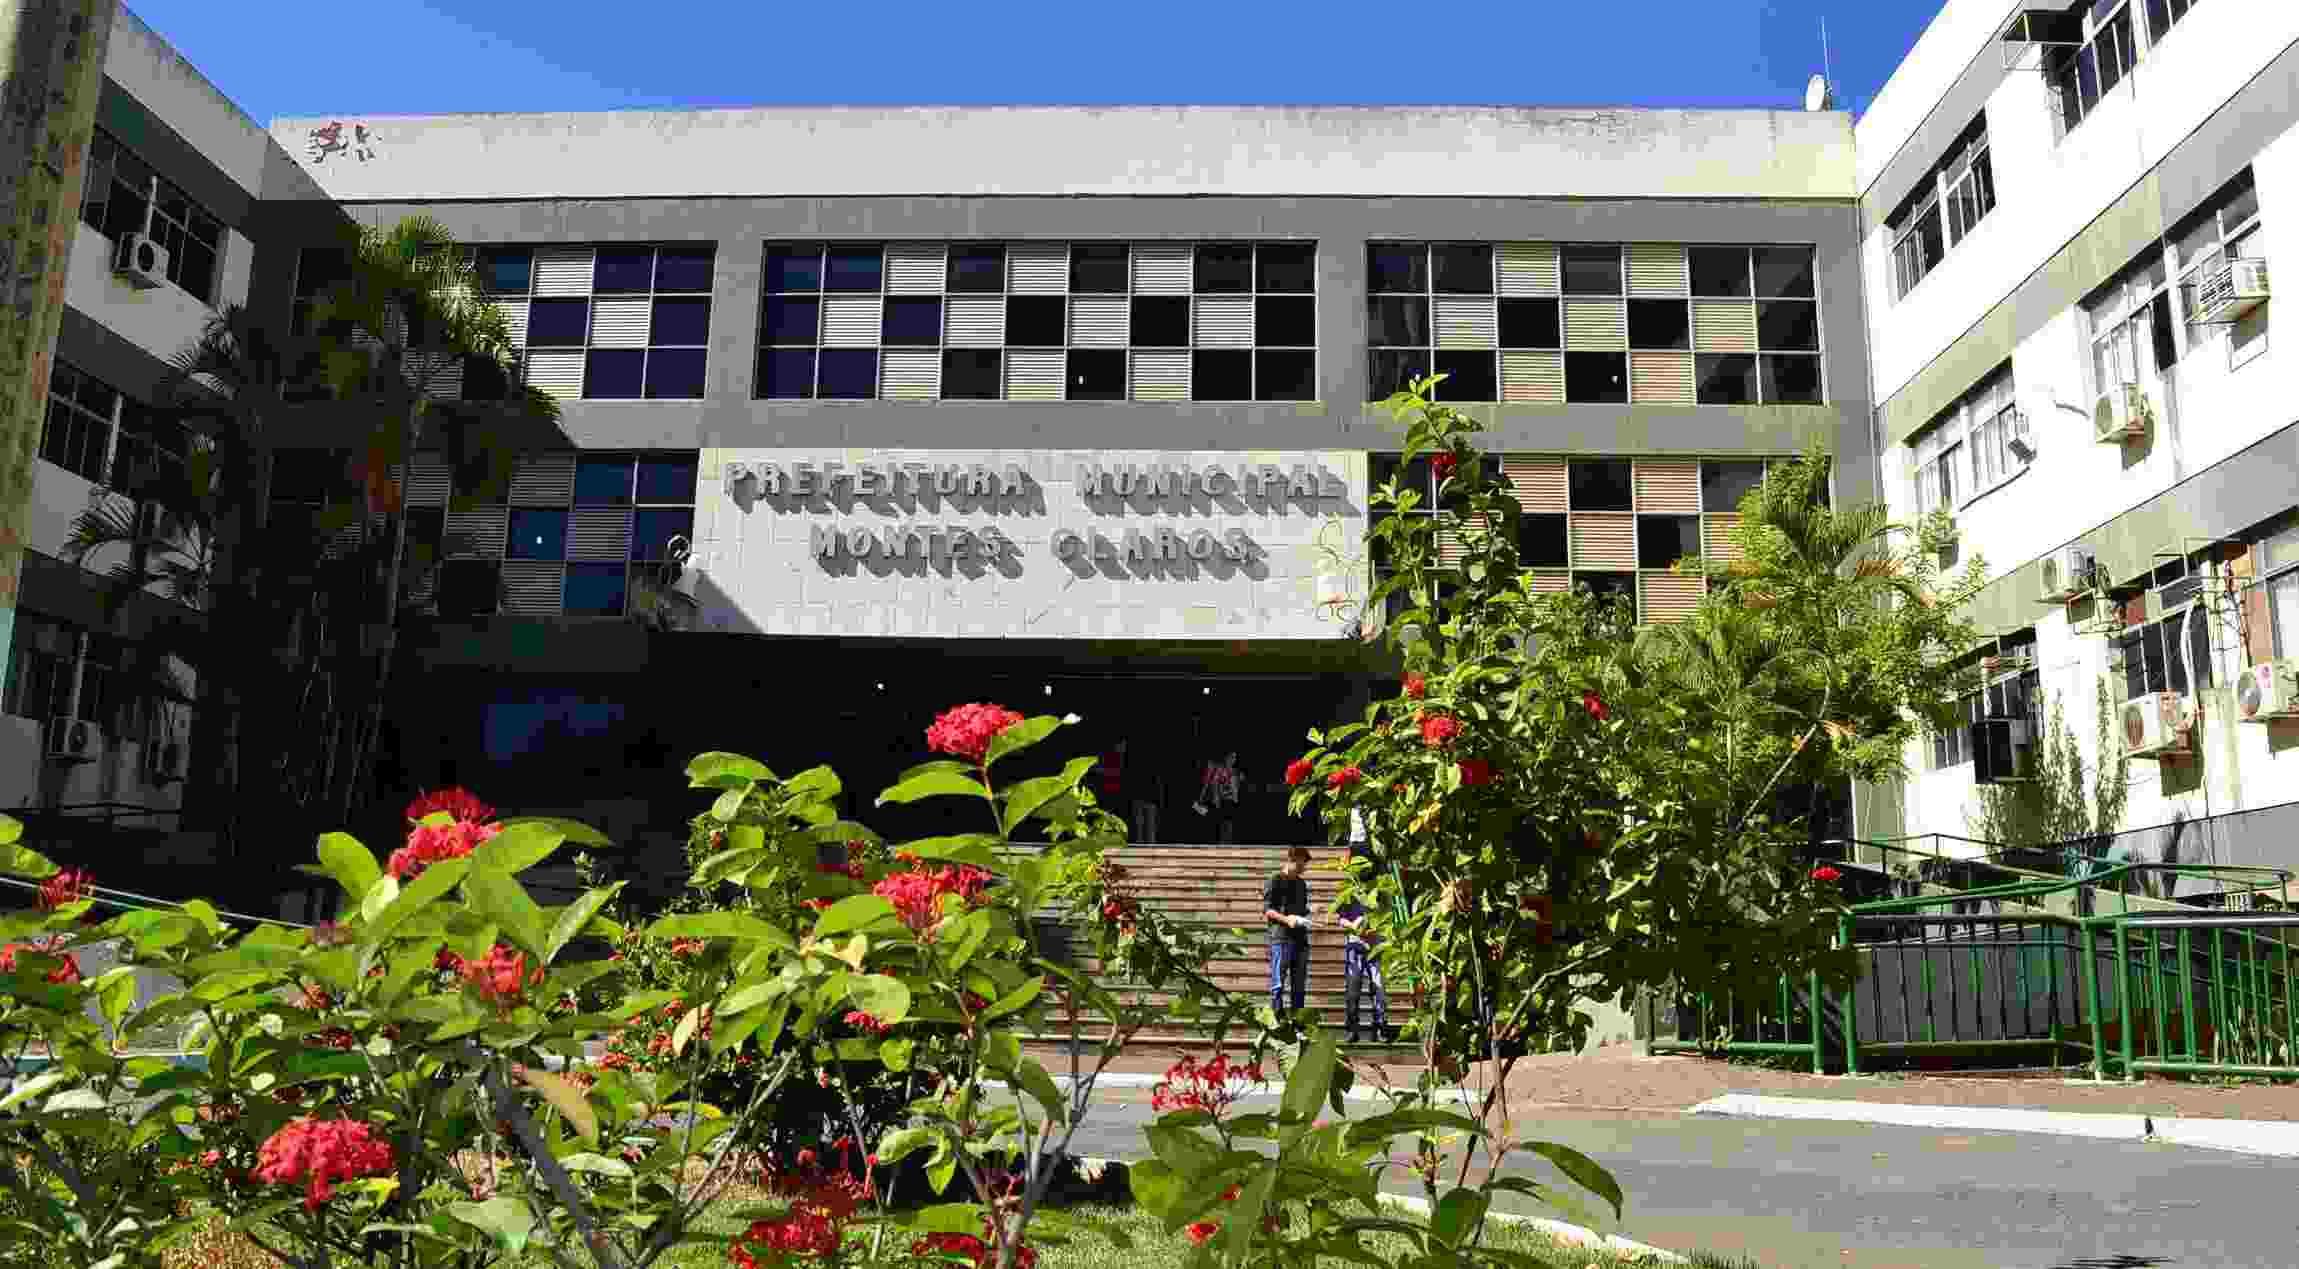 Prefeitura de Montes Claros irá contratar 50 jovens em vulnerabilidade